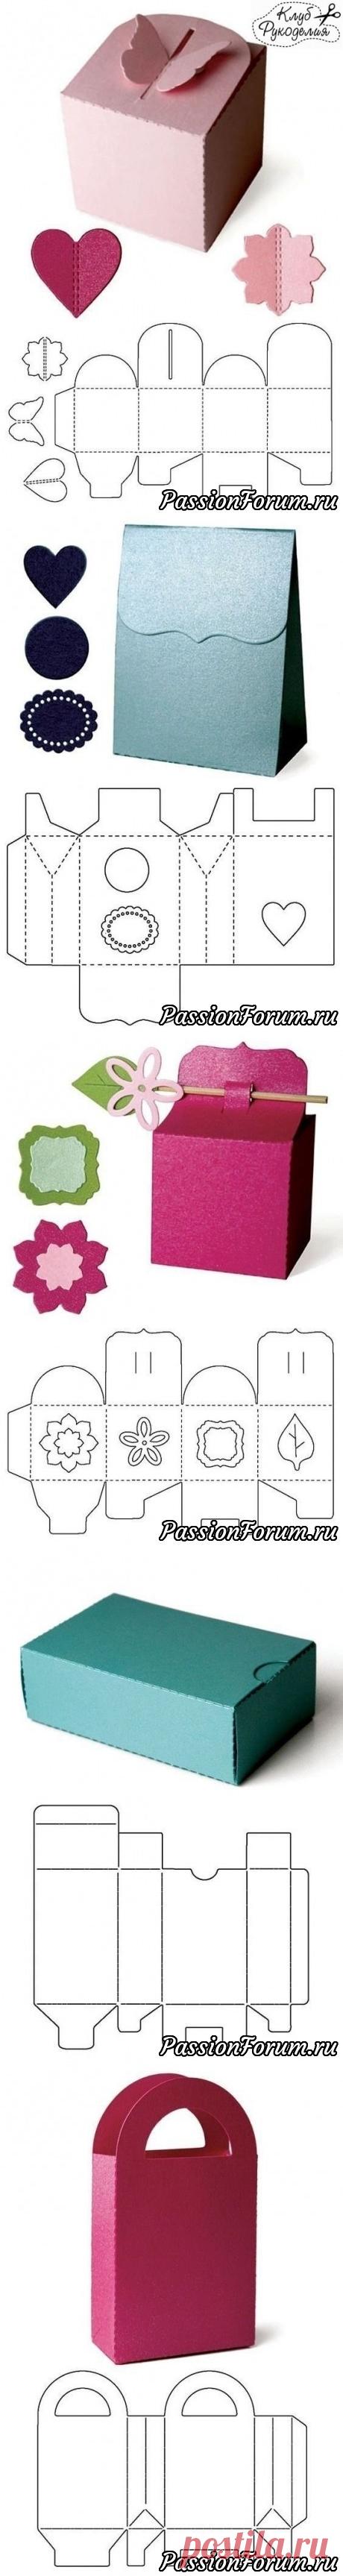 Los modelos para la creación de las cajitas originales para regalar